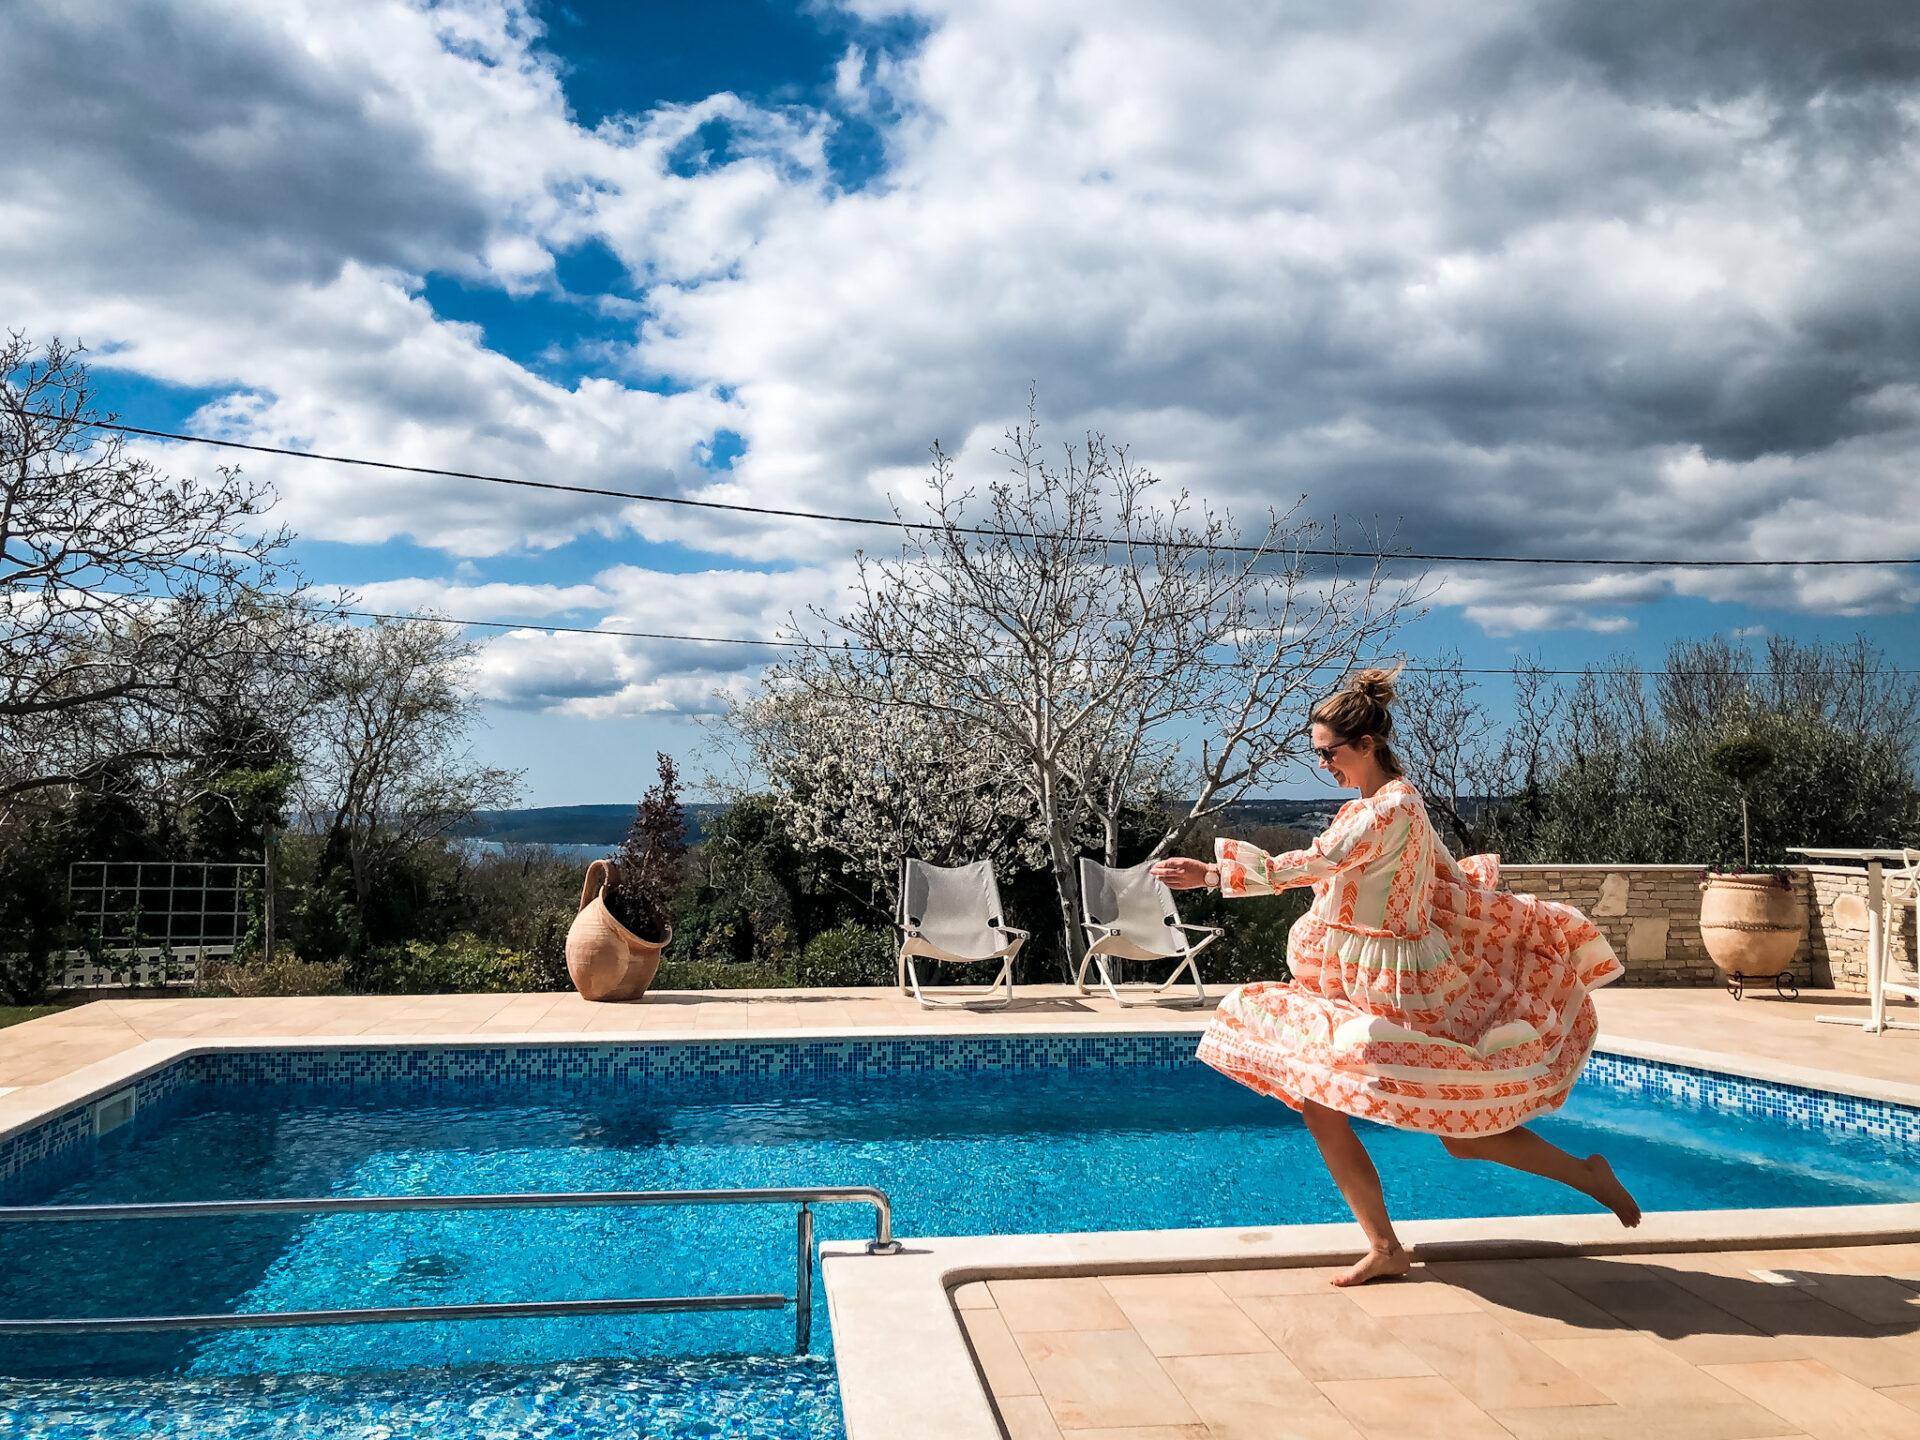 Ferienhäuser in Istrien mit Pool, Whirlpool und Meerblick Villa Laura